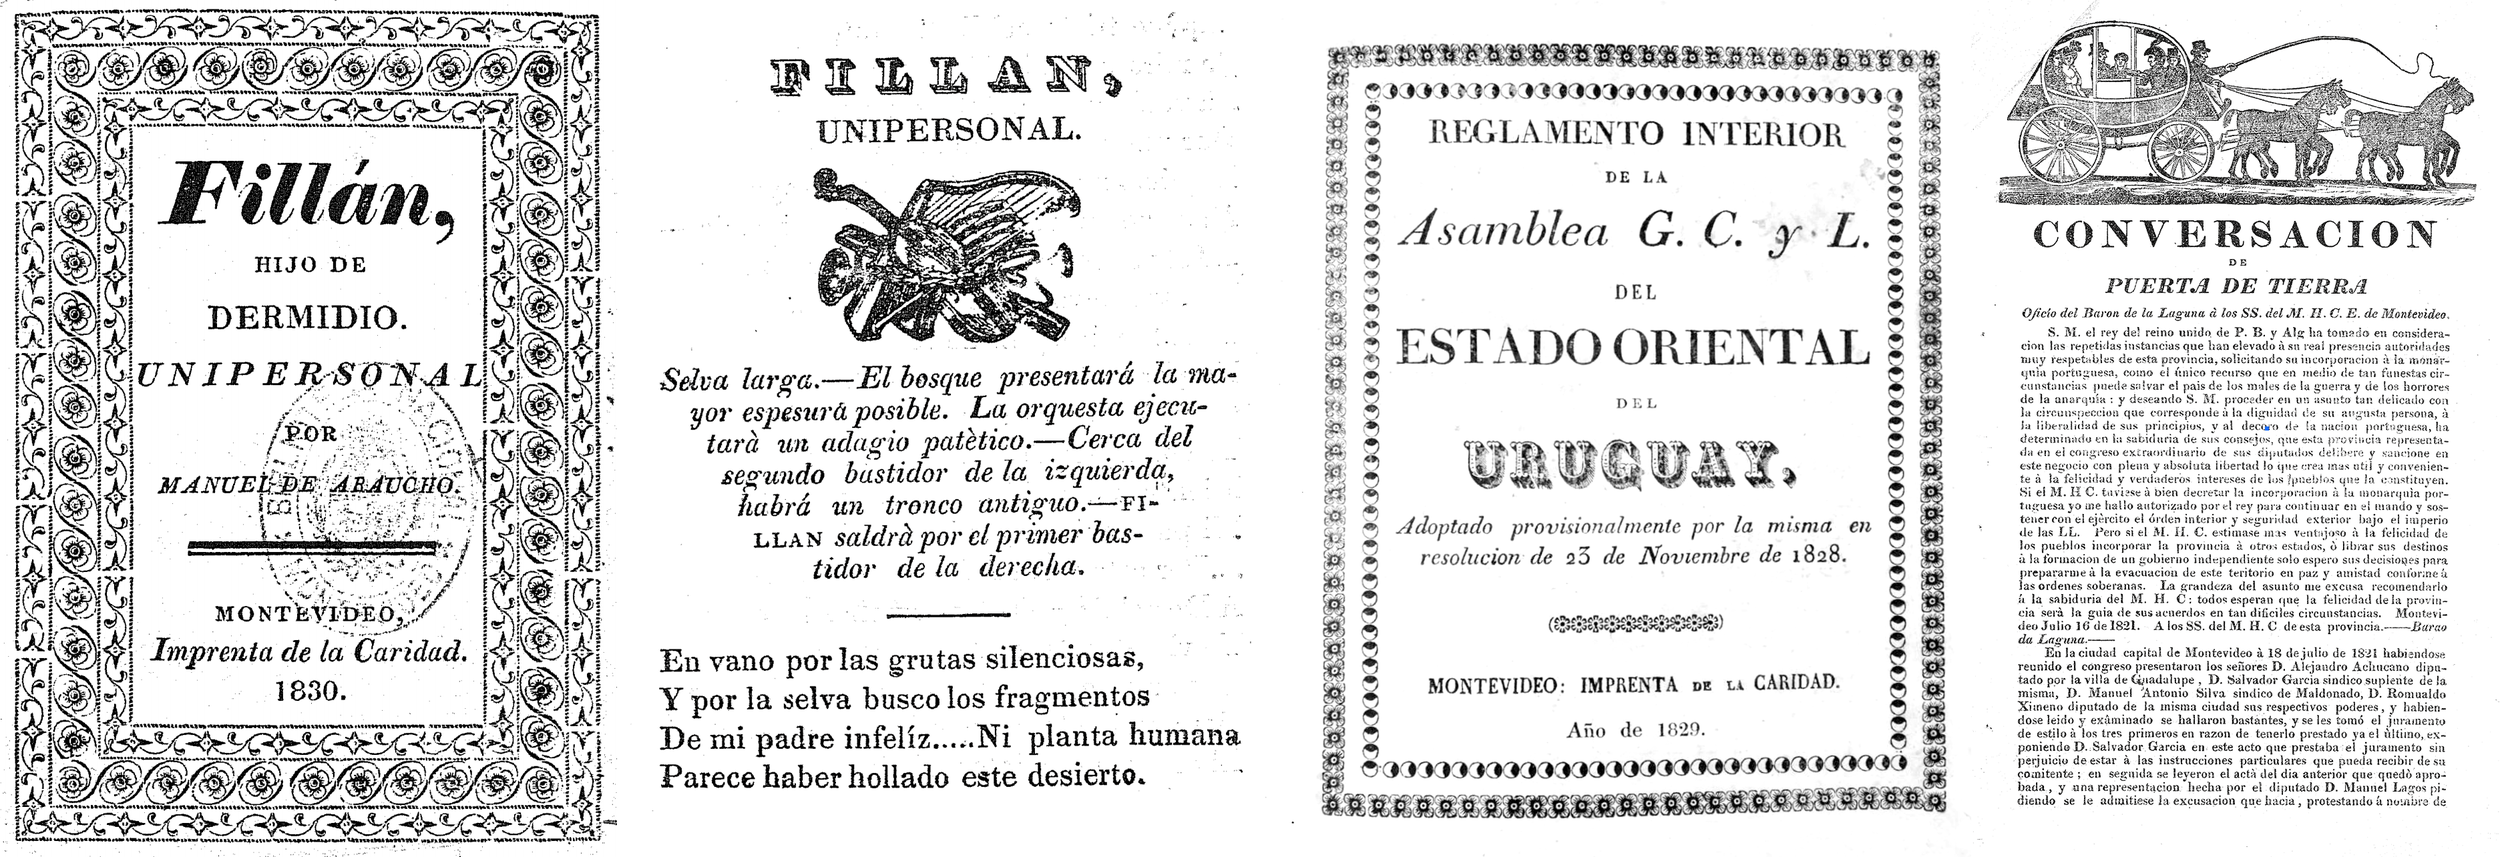 10. Fillan, Hijo de Dermidio (1830), Reglamento Interior de la Asamblea General Constituyente y Legislativa del Estadio Oriental del Uruguay (1829), Conversación de Puerta de Tierra (1821).png